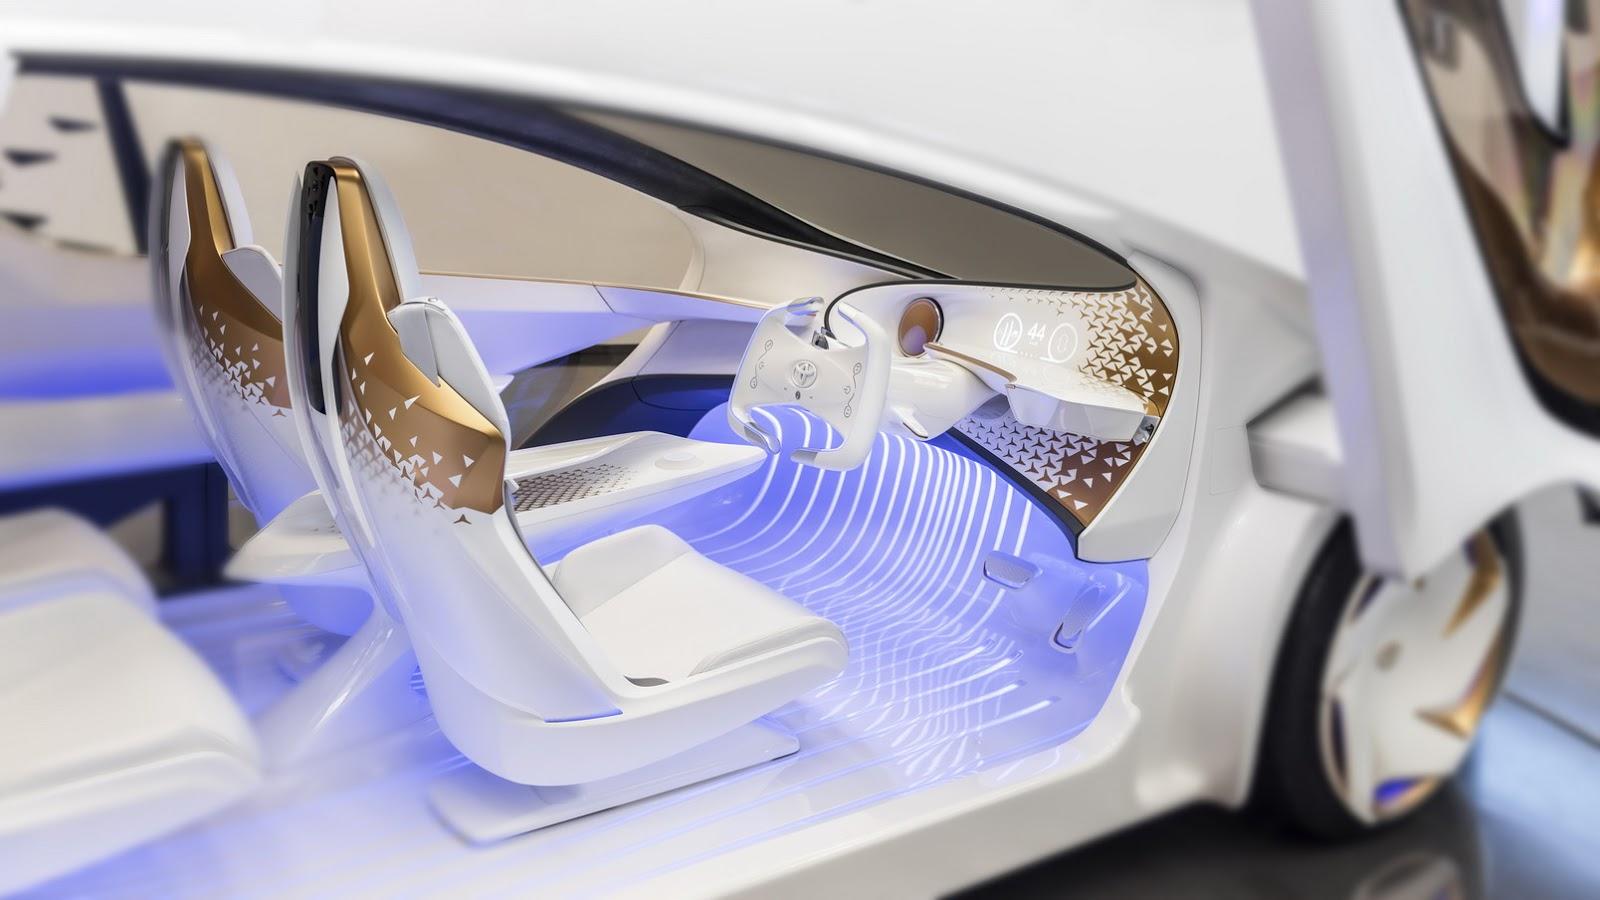 Toyota Concept-i CES 2017 (3)